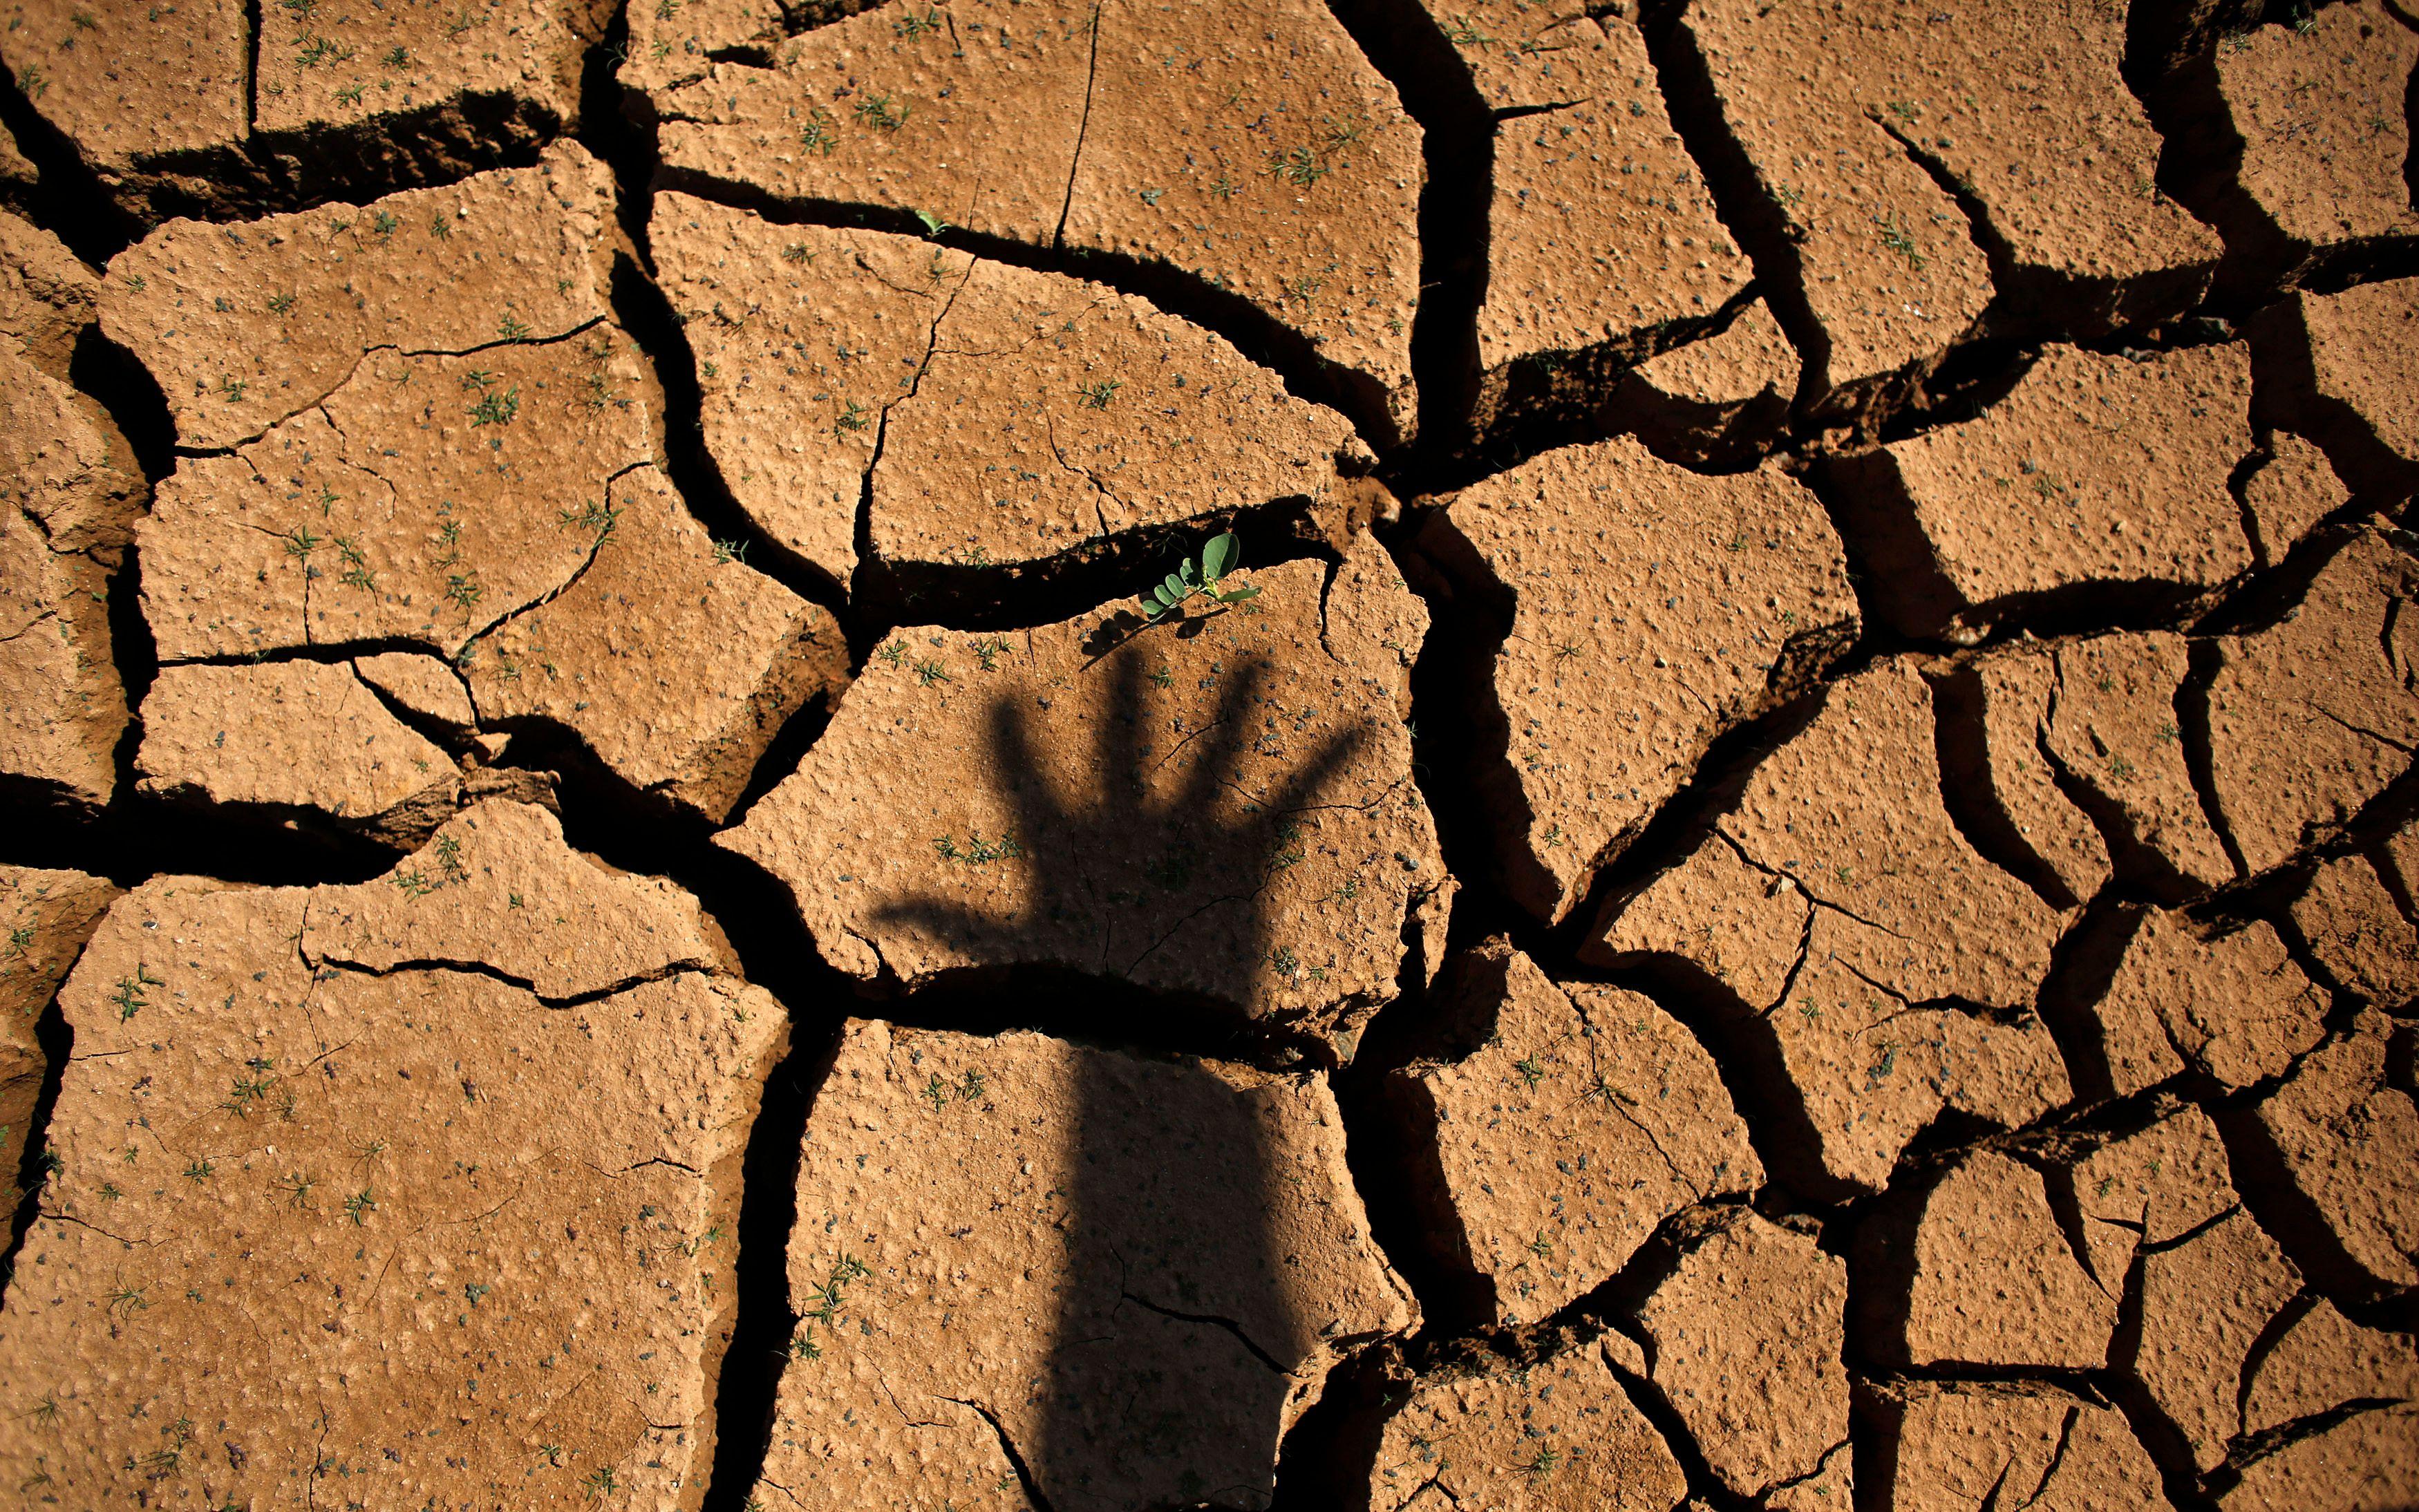 La sécheresse enregistrée lors de l'été 2015 est la plus forte depuis la terrible canicule de 2003.